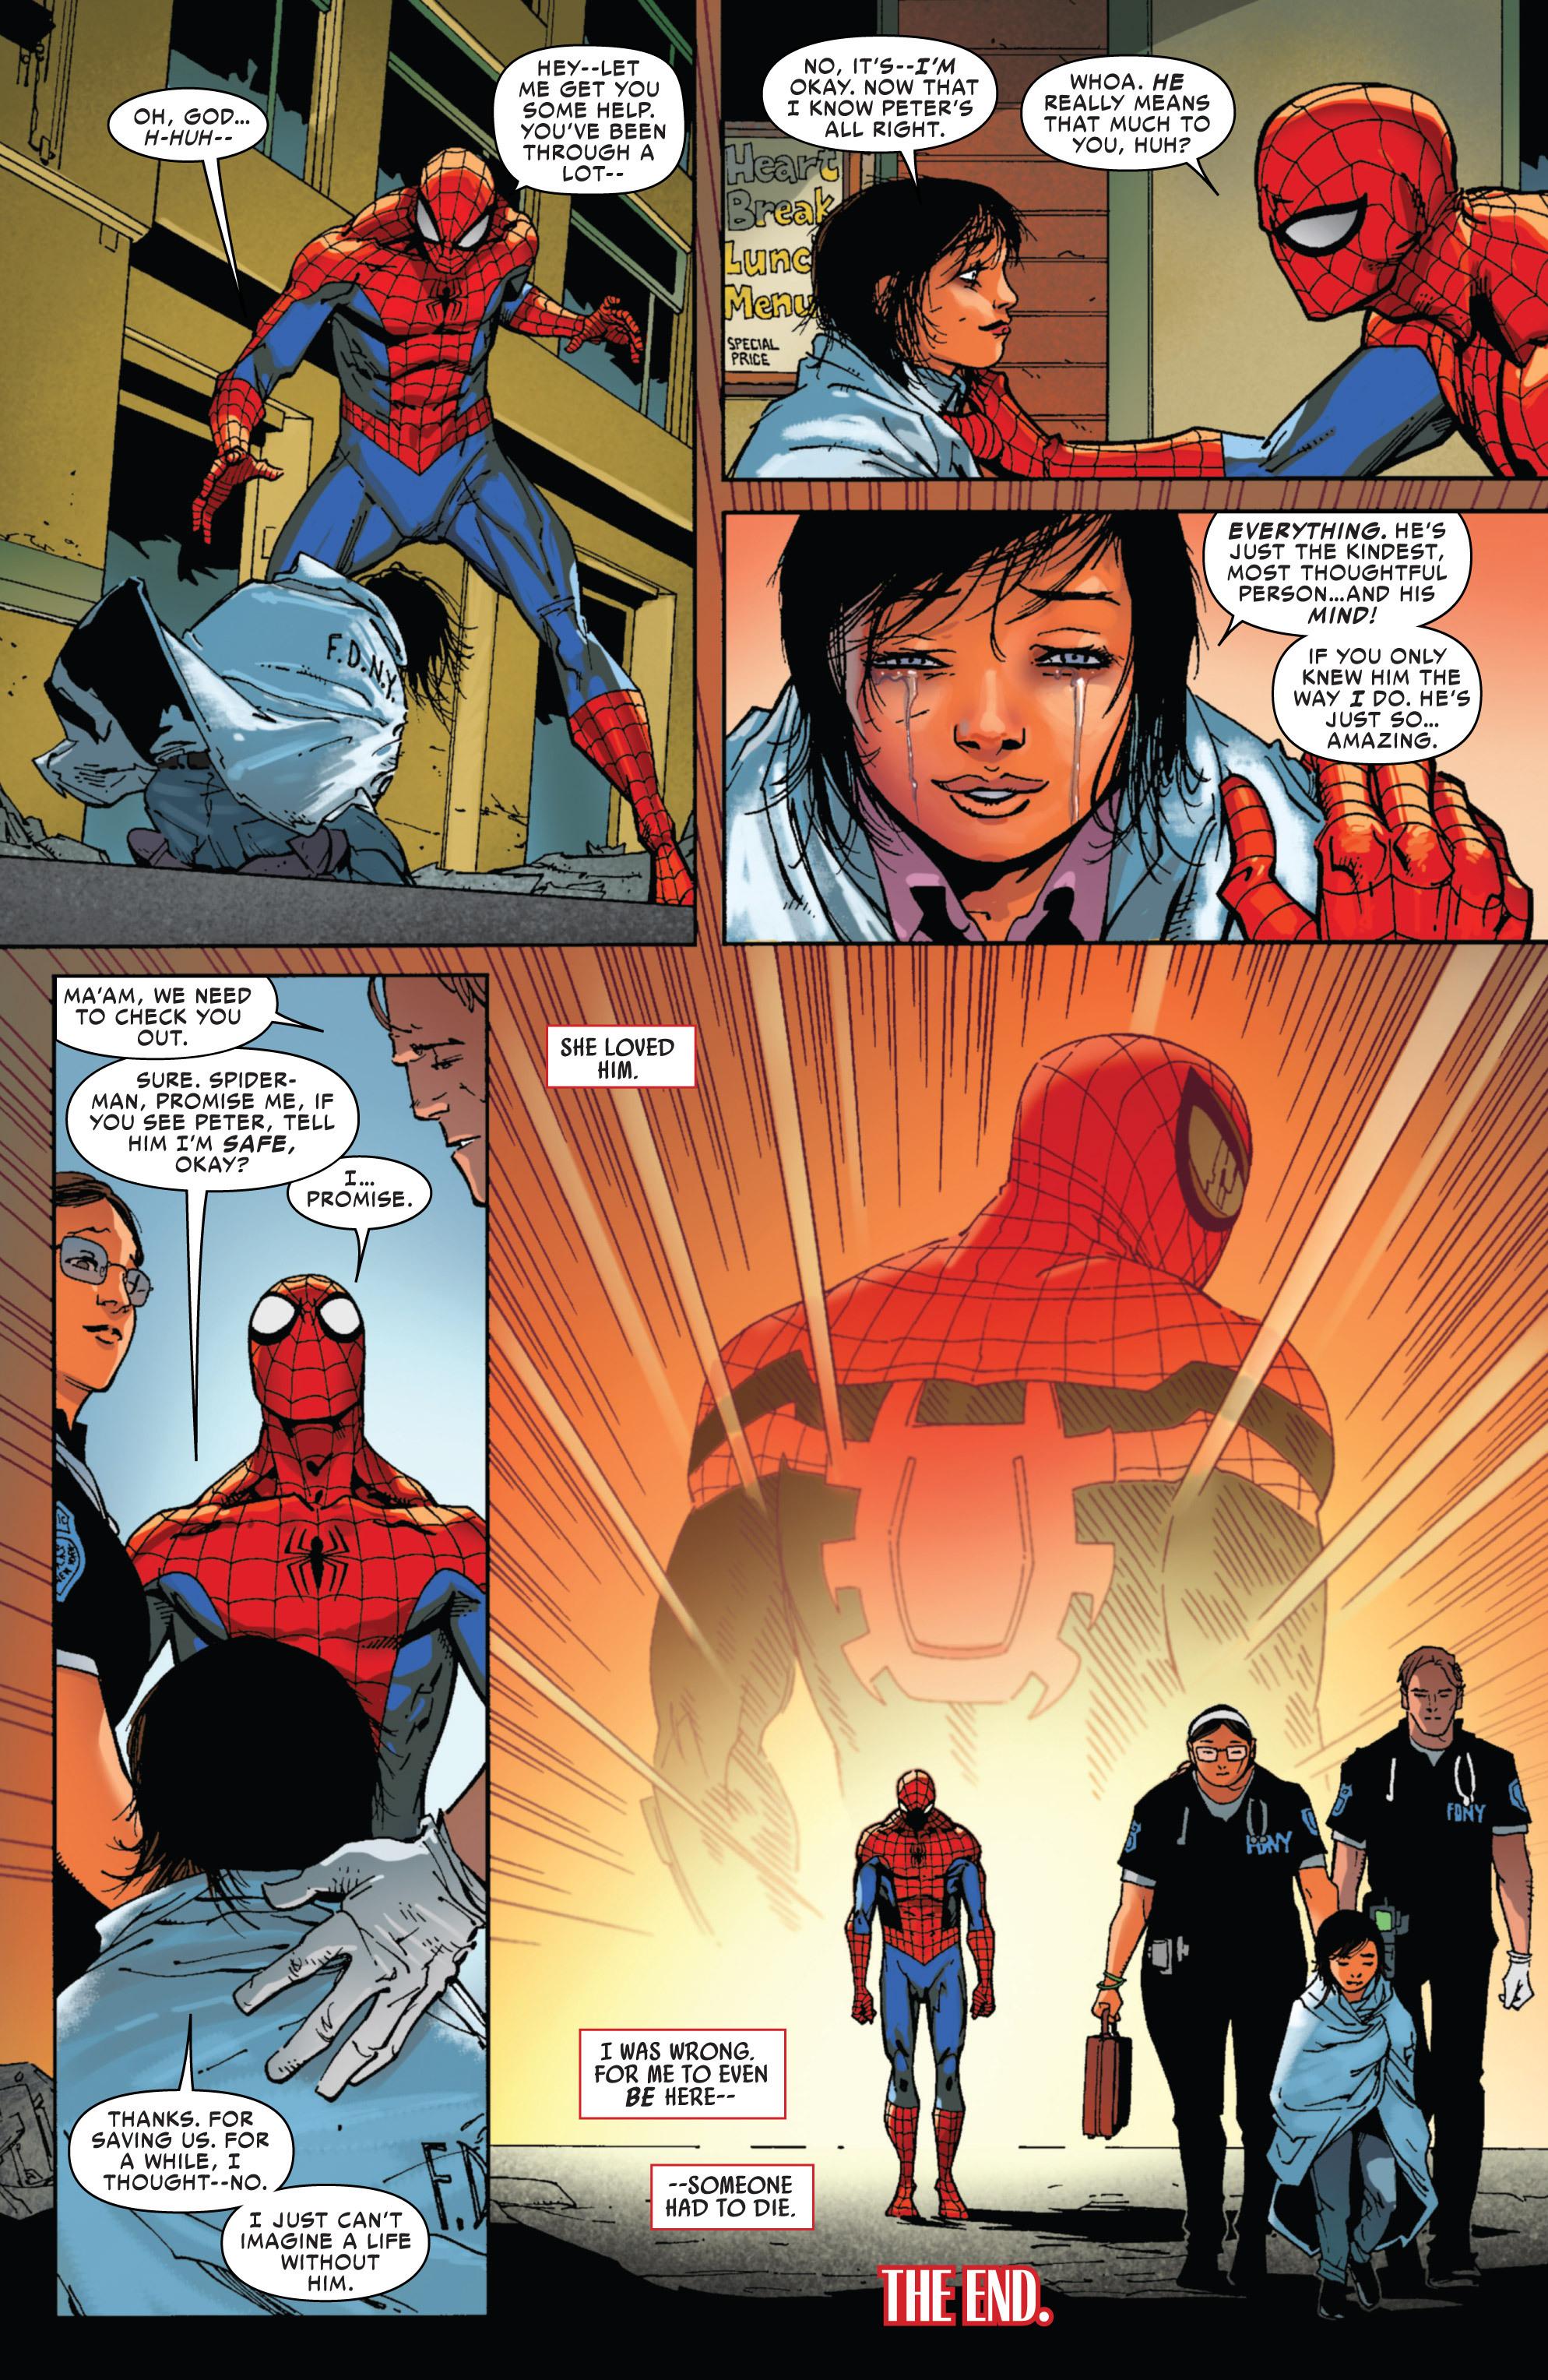 SuperiorSpider-Man#31-p.25